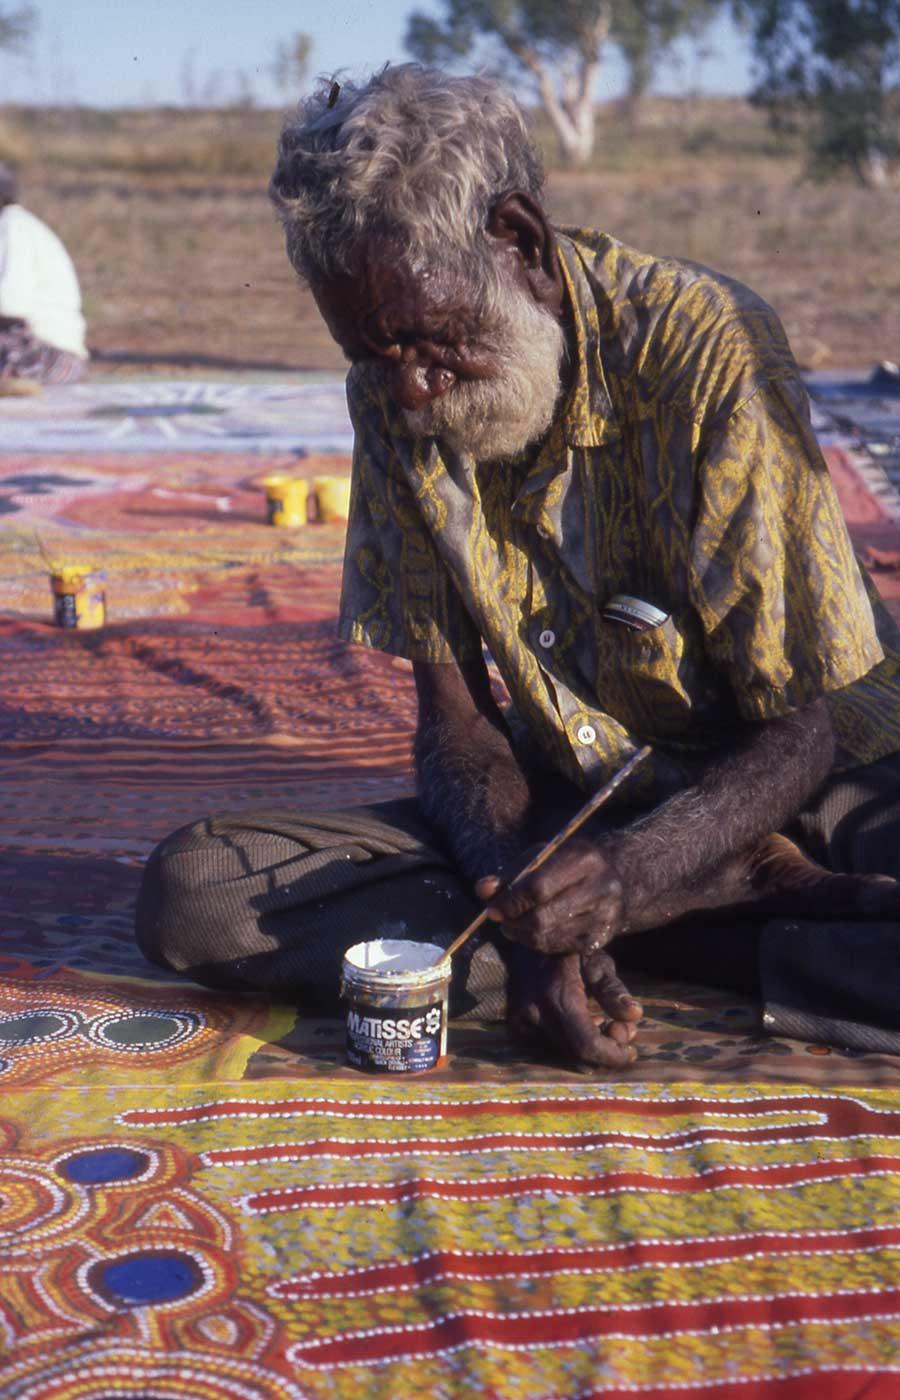 Minangu Huey Bent painting the Ngurrara Canvas at Pirnini 1997 - click to view larger image